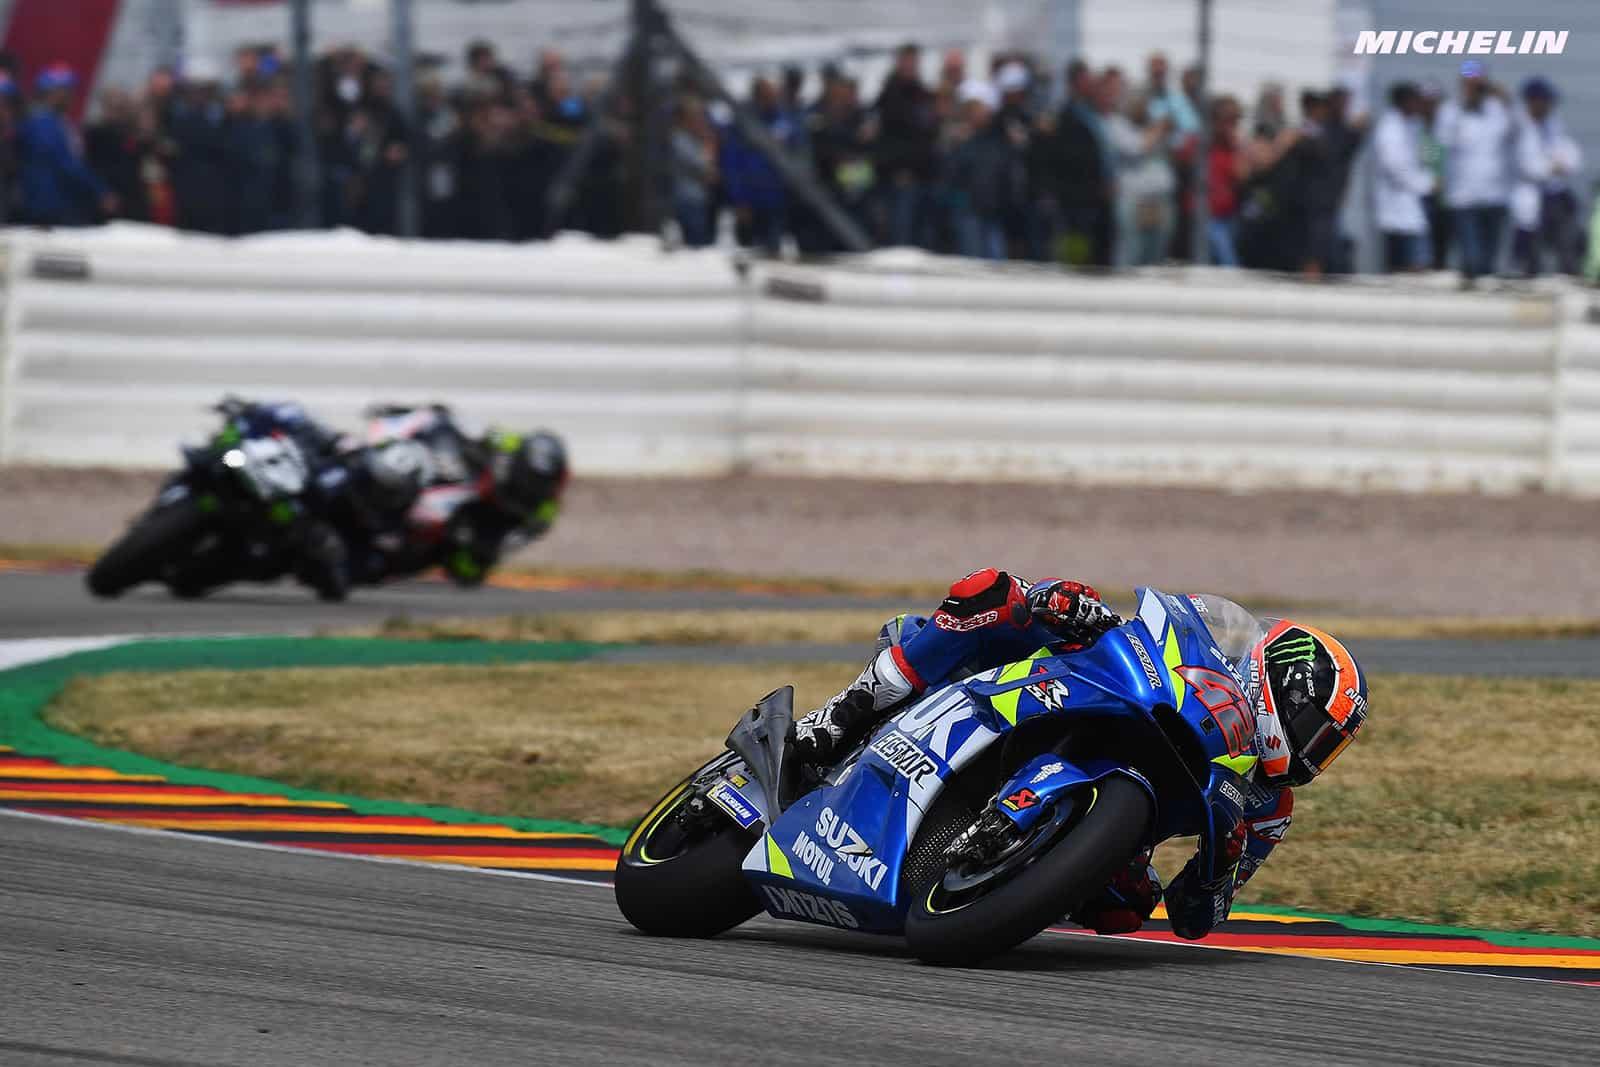 MotoGP2019ドイツGP リンス「数キロ進入速度が速く、転倒してしまった」